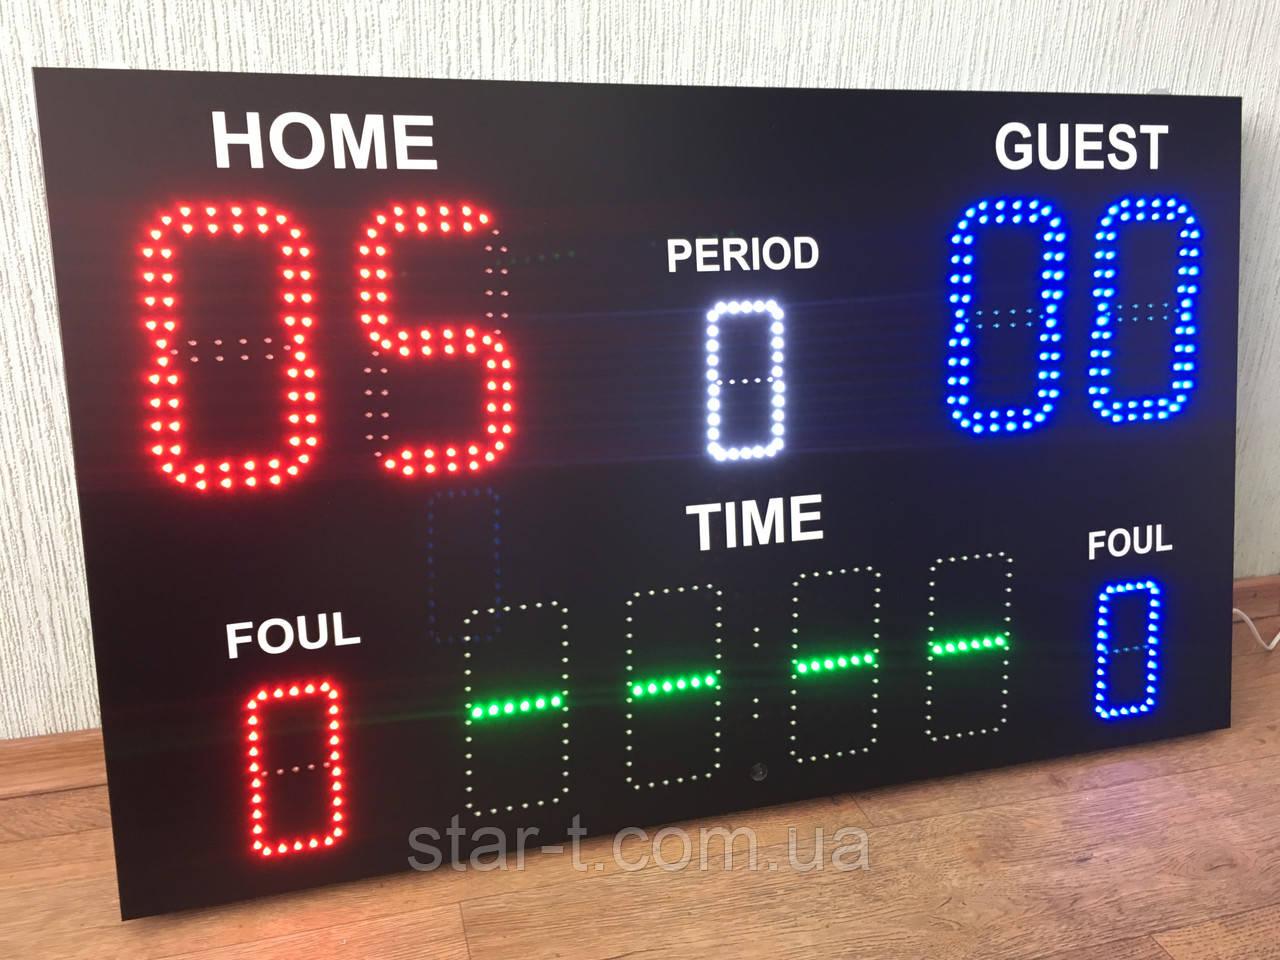 Спортивное табло, отображение таймер игры, счет игры, период, фол